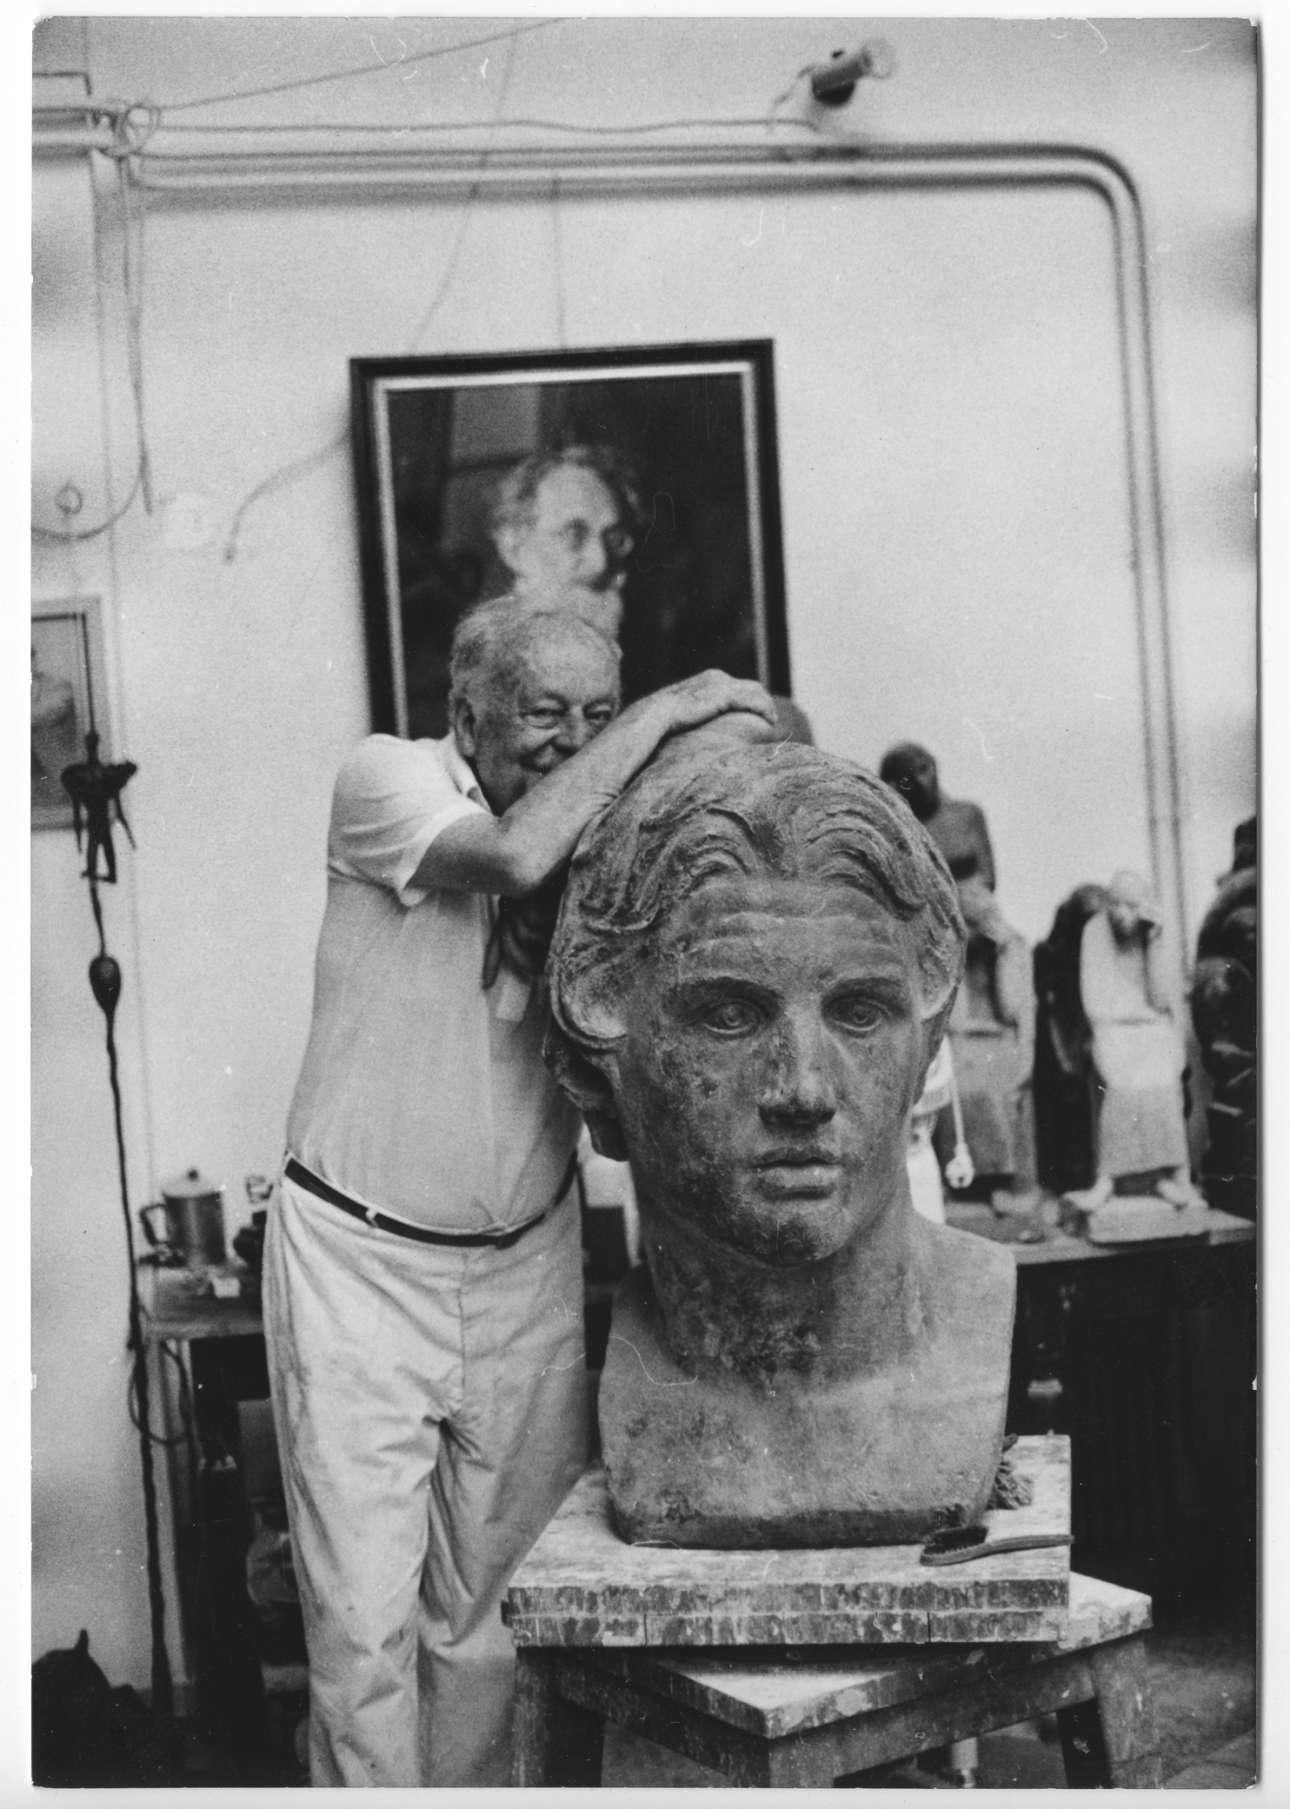 Ο Γιάννης Παππάς στο εργαστήριό του στου Ζωγράφου δίπλα στην μπρούτζινη προτομή του Μεγάλου Αλεξάνδρου. Ποζάρει δίπλα του με την οικειότητα ενός καλού φίλου. Αλλωστε, η πολύχρονη ενασχόληση είχε φέρει τον καλλιτέχνη κοντά στον στρατηλάτη